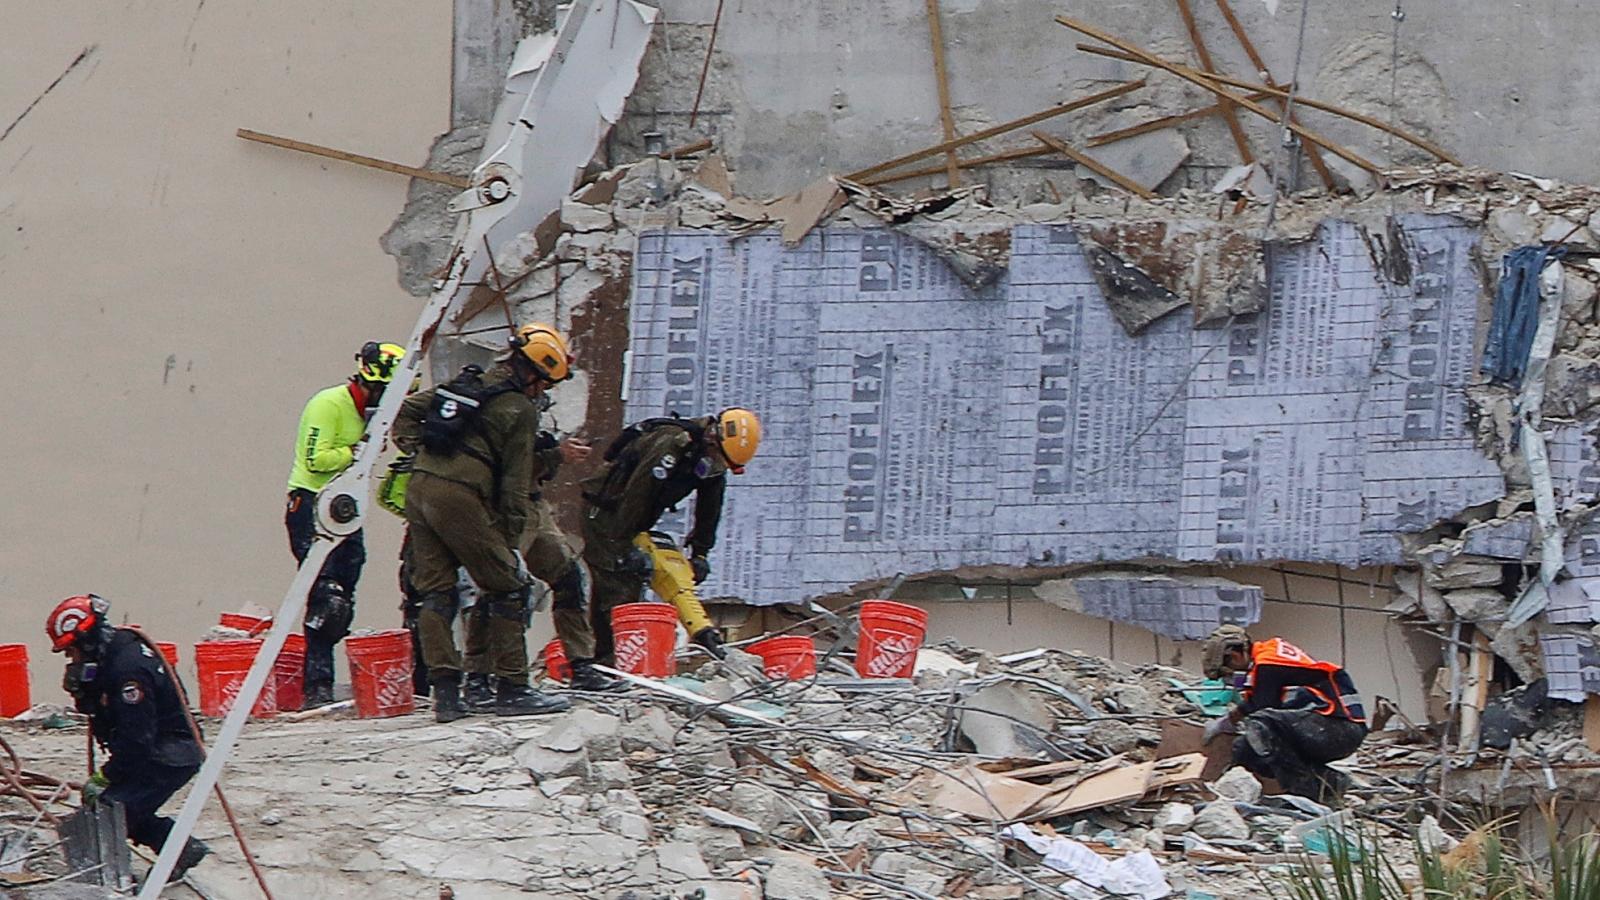 Tạm ngừng cứu hộ tại hiện trường vụ sập tòa nhà chung cư ở Mỹ